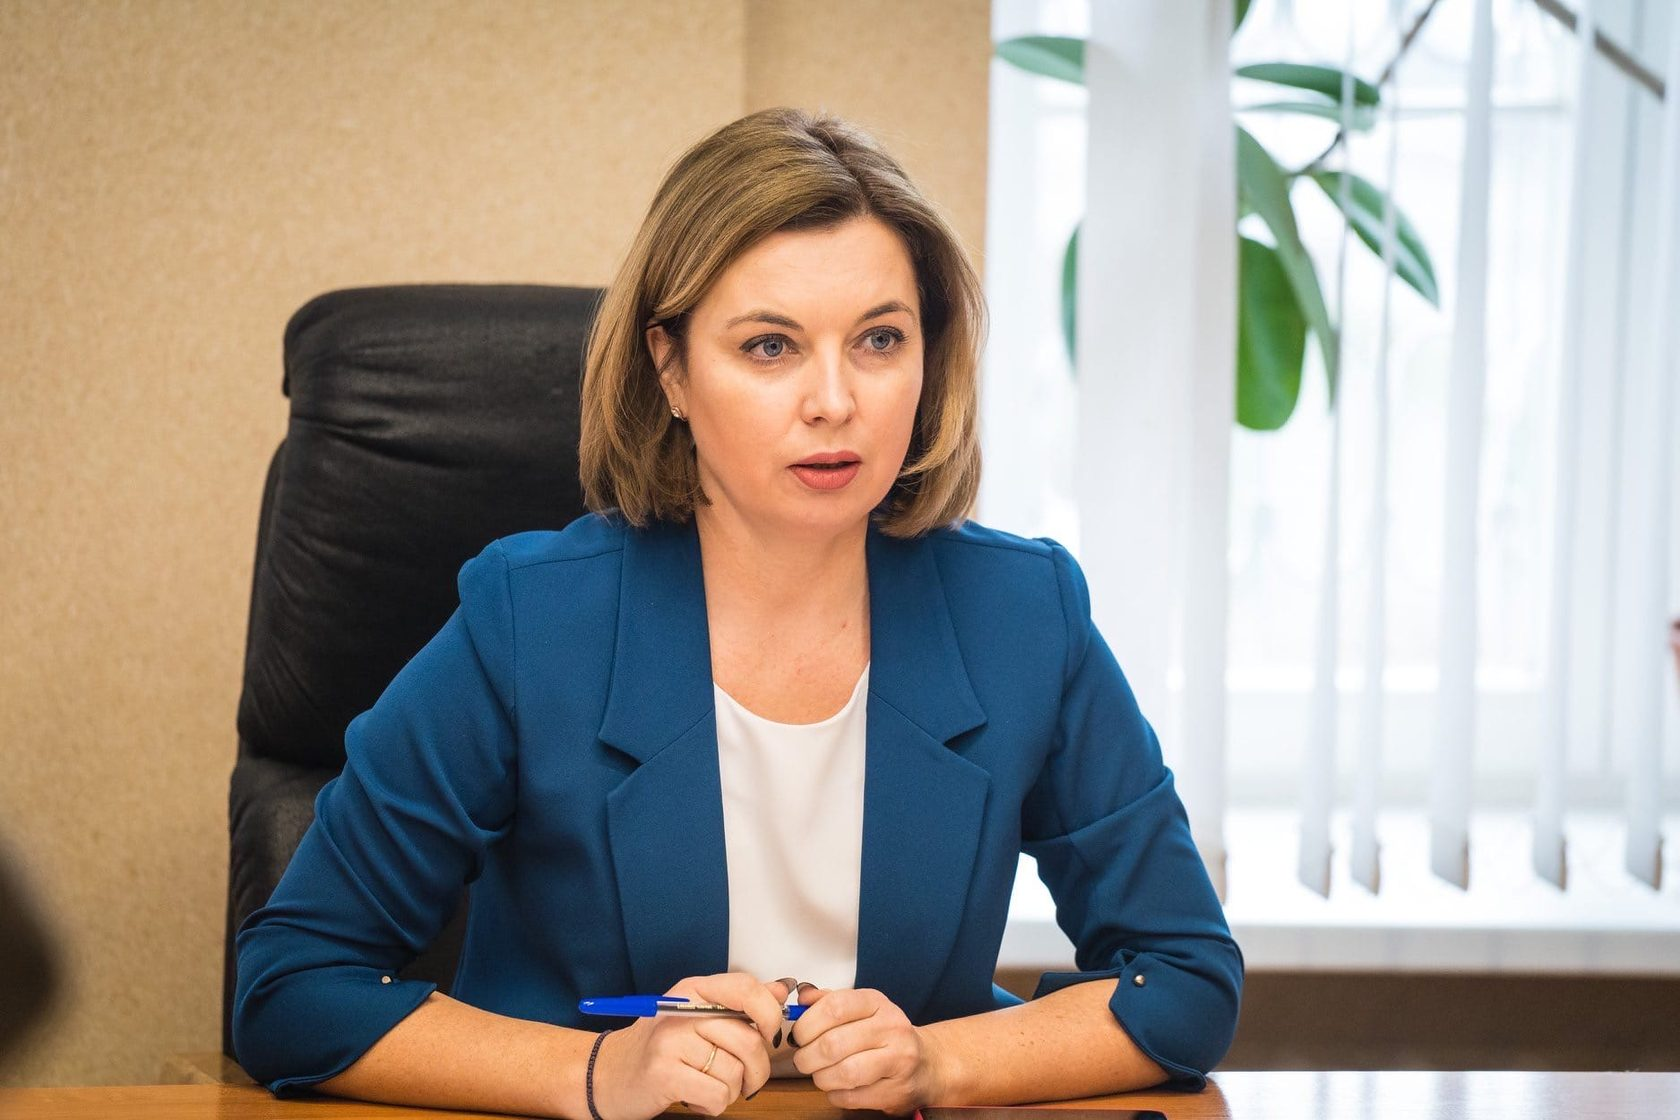 Зампред Ярославской областной Думы Ольга Хитрова: социальная политика для нашей страны приоритетна